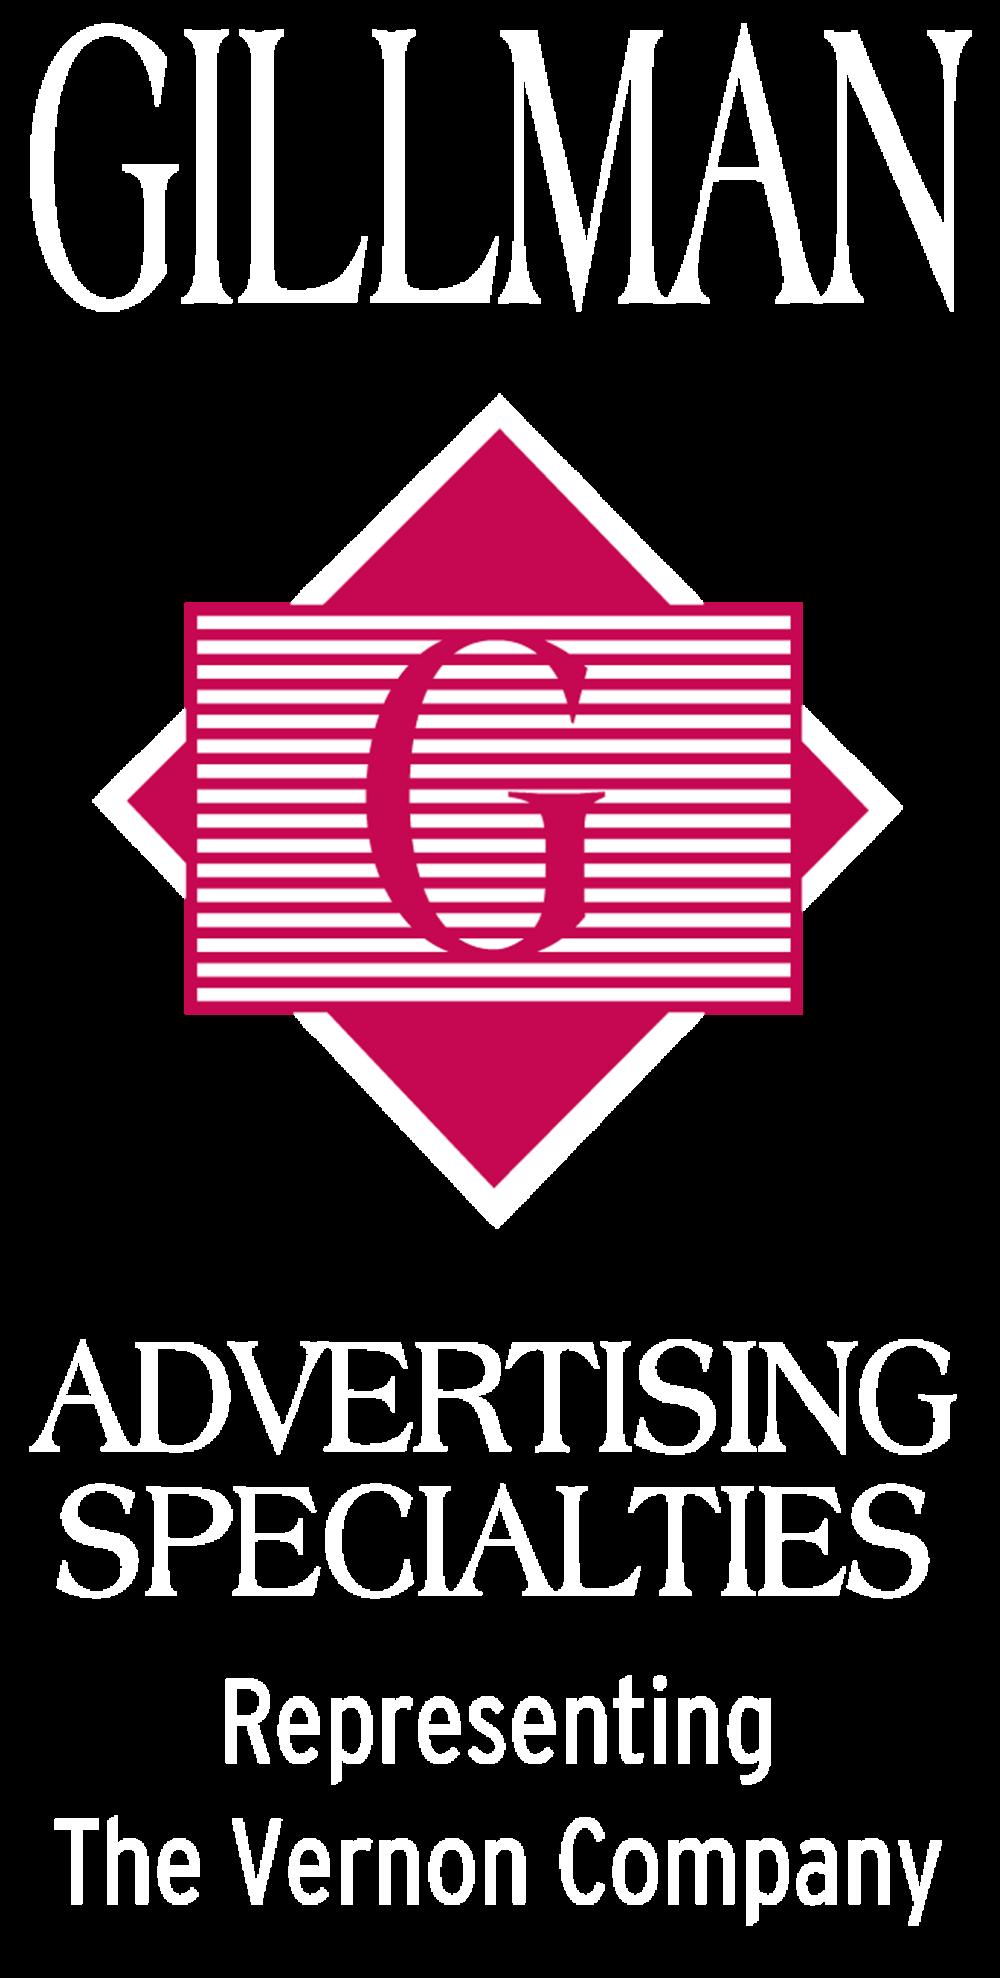 Gillman Ad Specialties